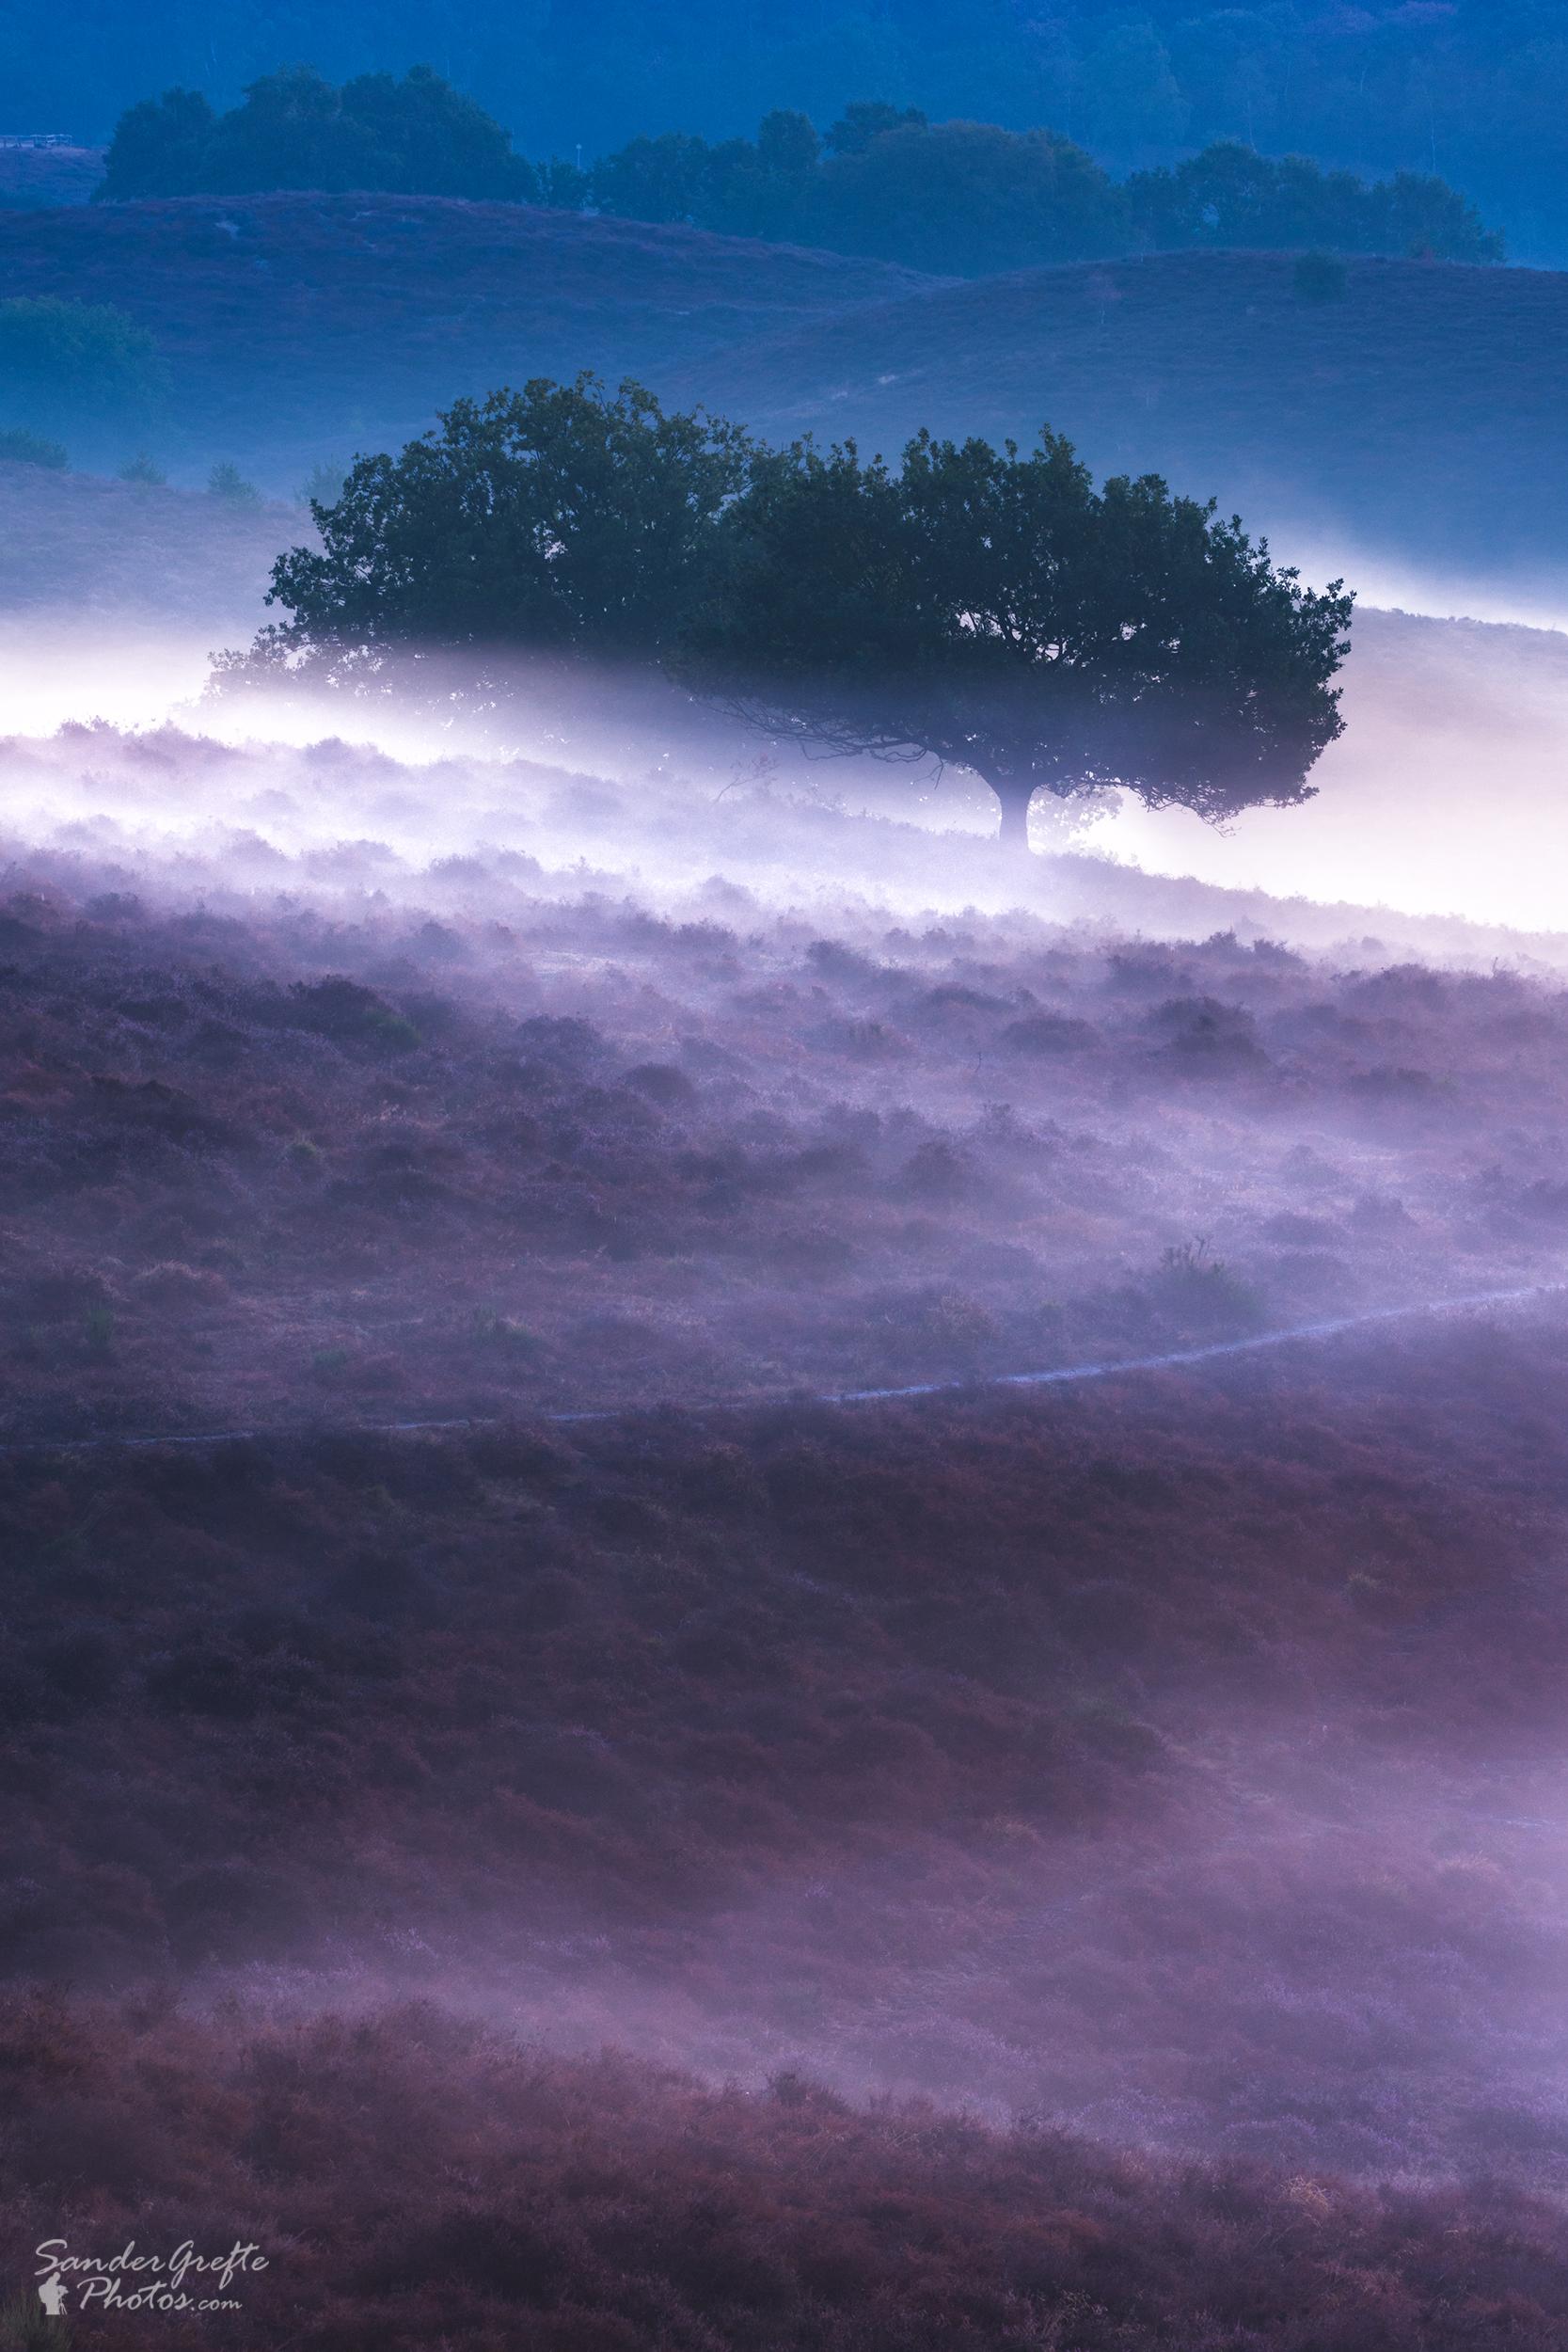 Gesloten landschap op de Posbank (120mm, iso 100, f11, 3s)